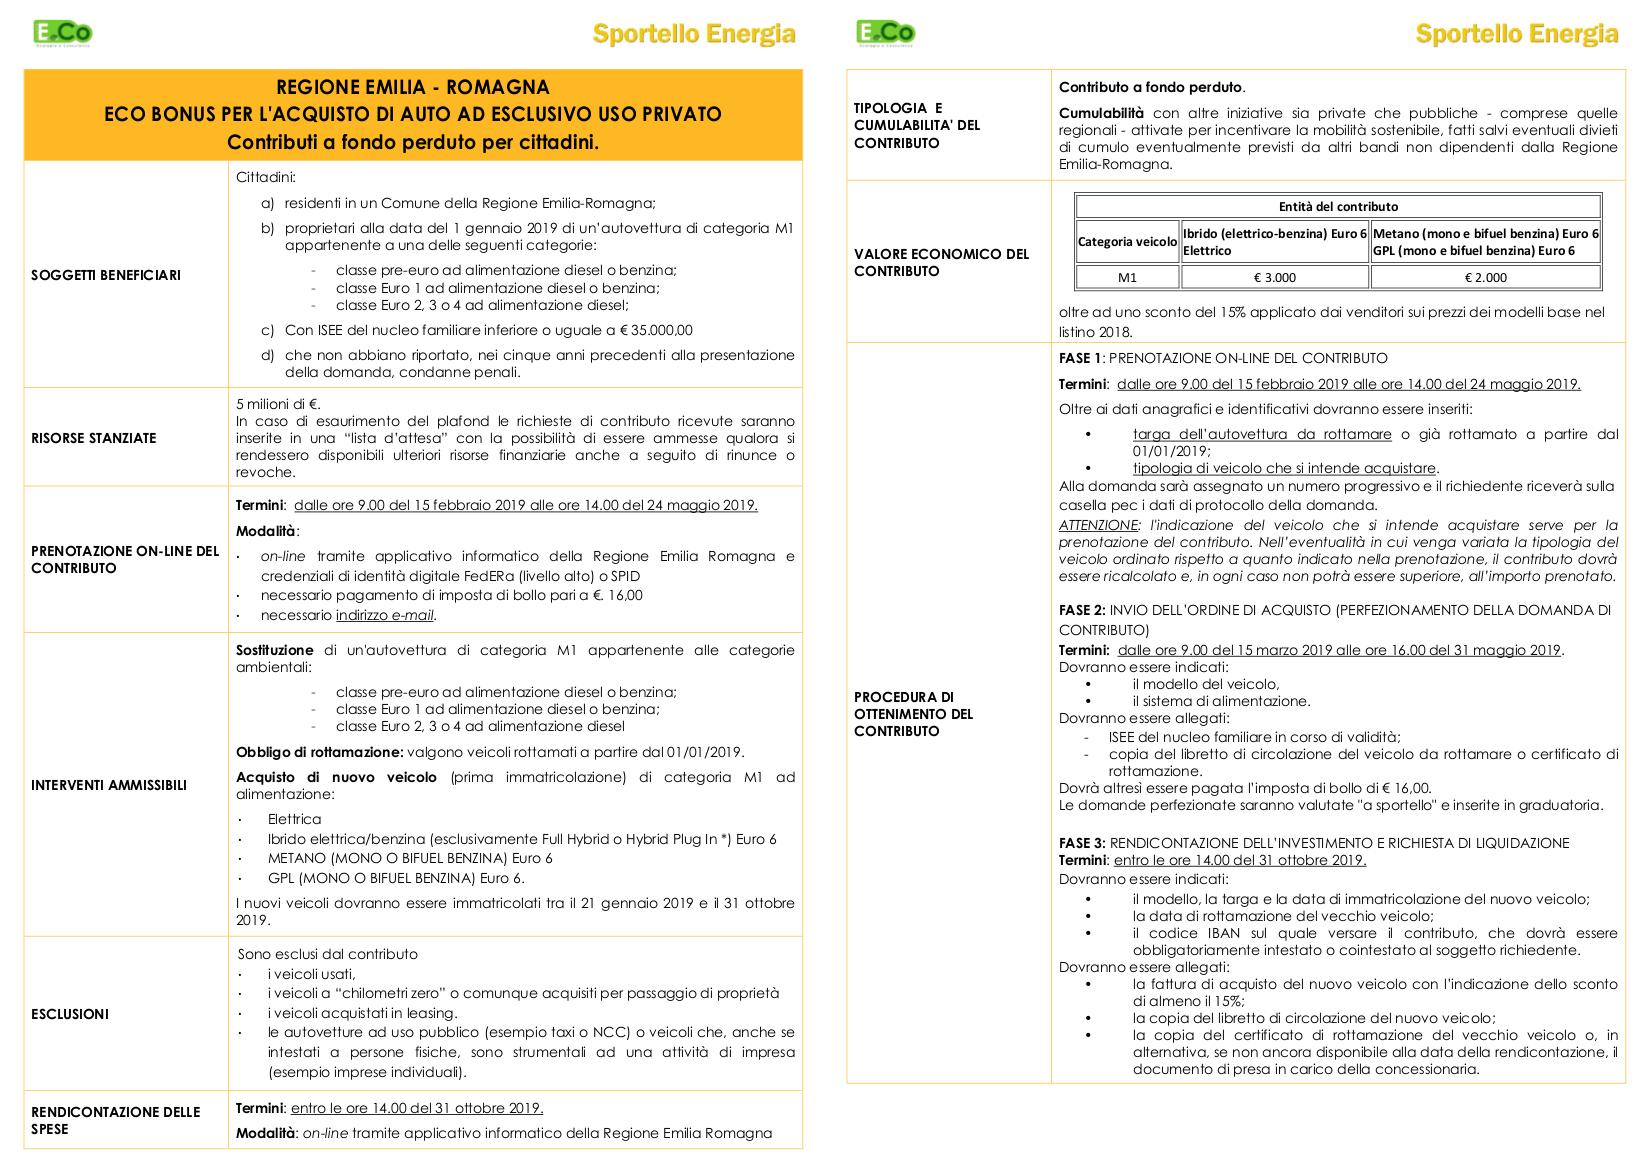 sportello-energia-scheda-eco-bonus-privati_bando-aperto